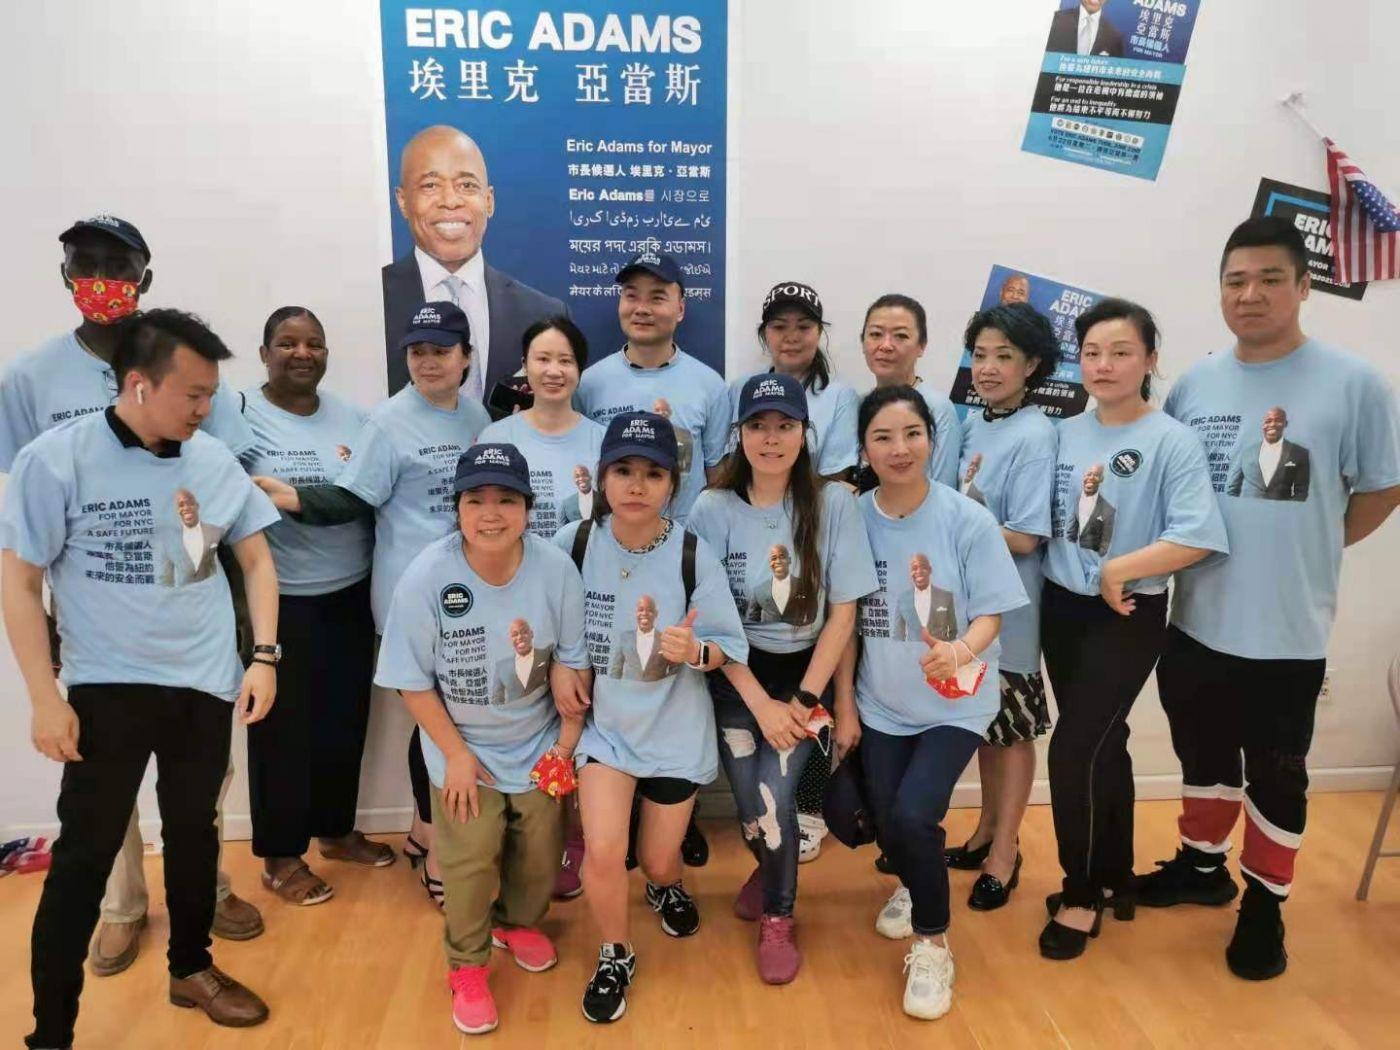 美国V视高娓娓:亚当斯法拉盛竞选办公室启用,全力争取亚裔选票 ..._图1-13